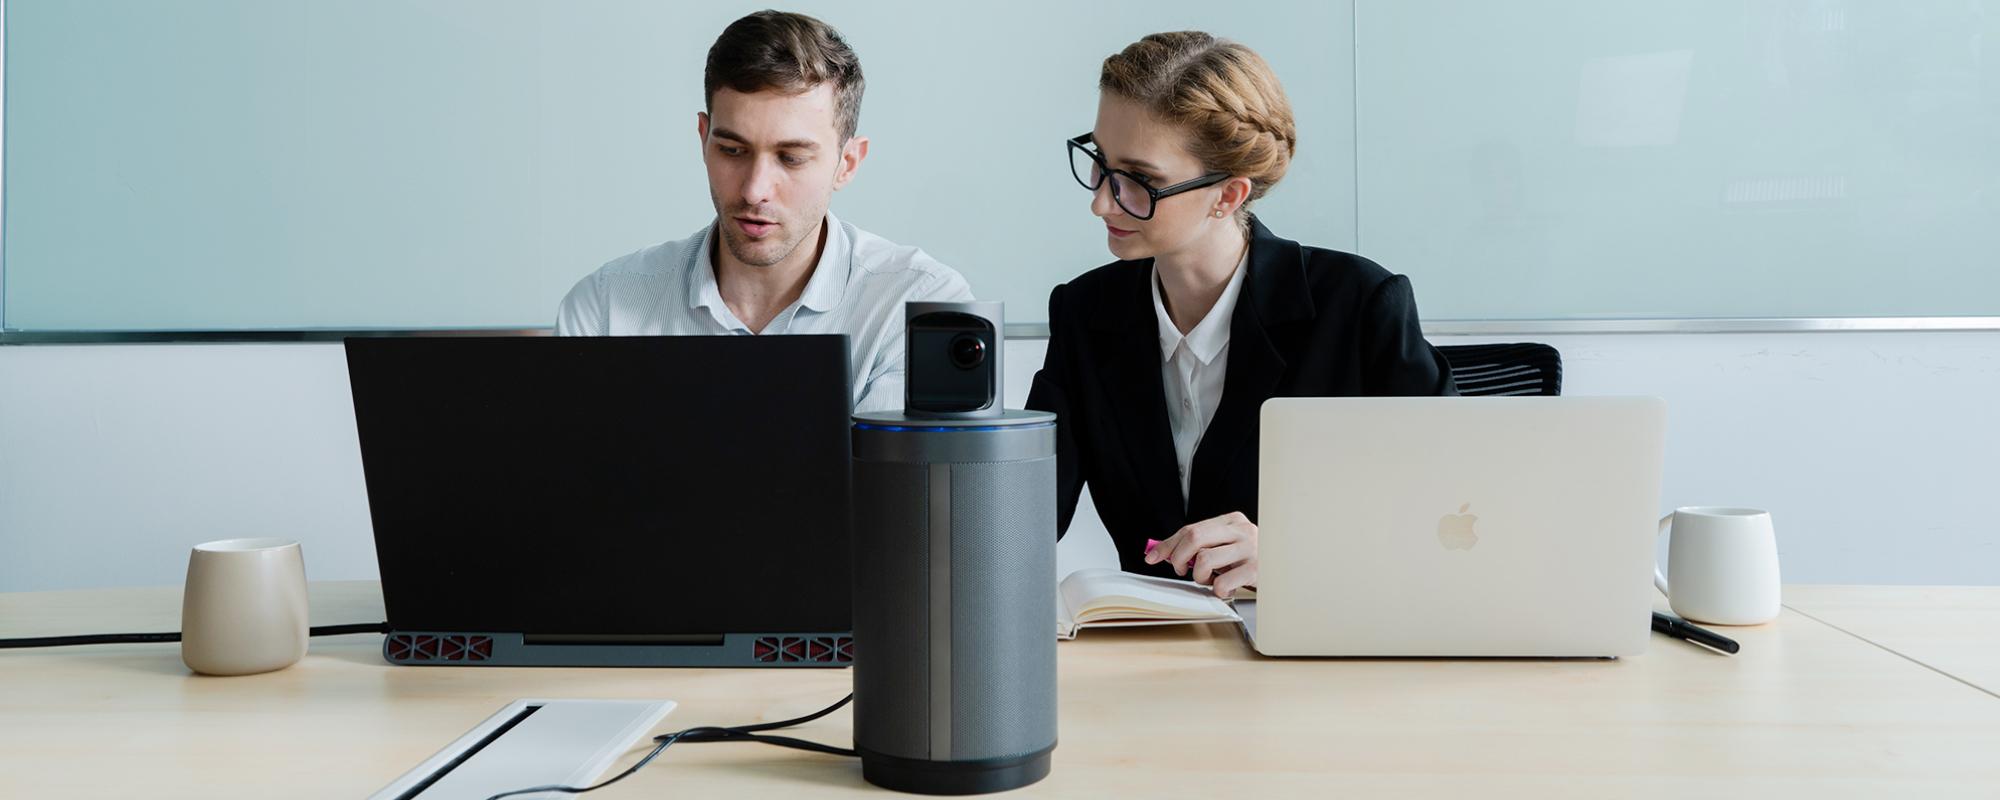 Kobieta i mężczyzna pracujący na laptopach z kamerą konferencyjną Kandao Meeting 360